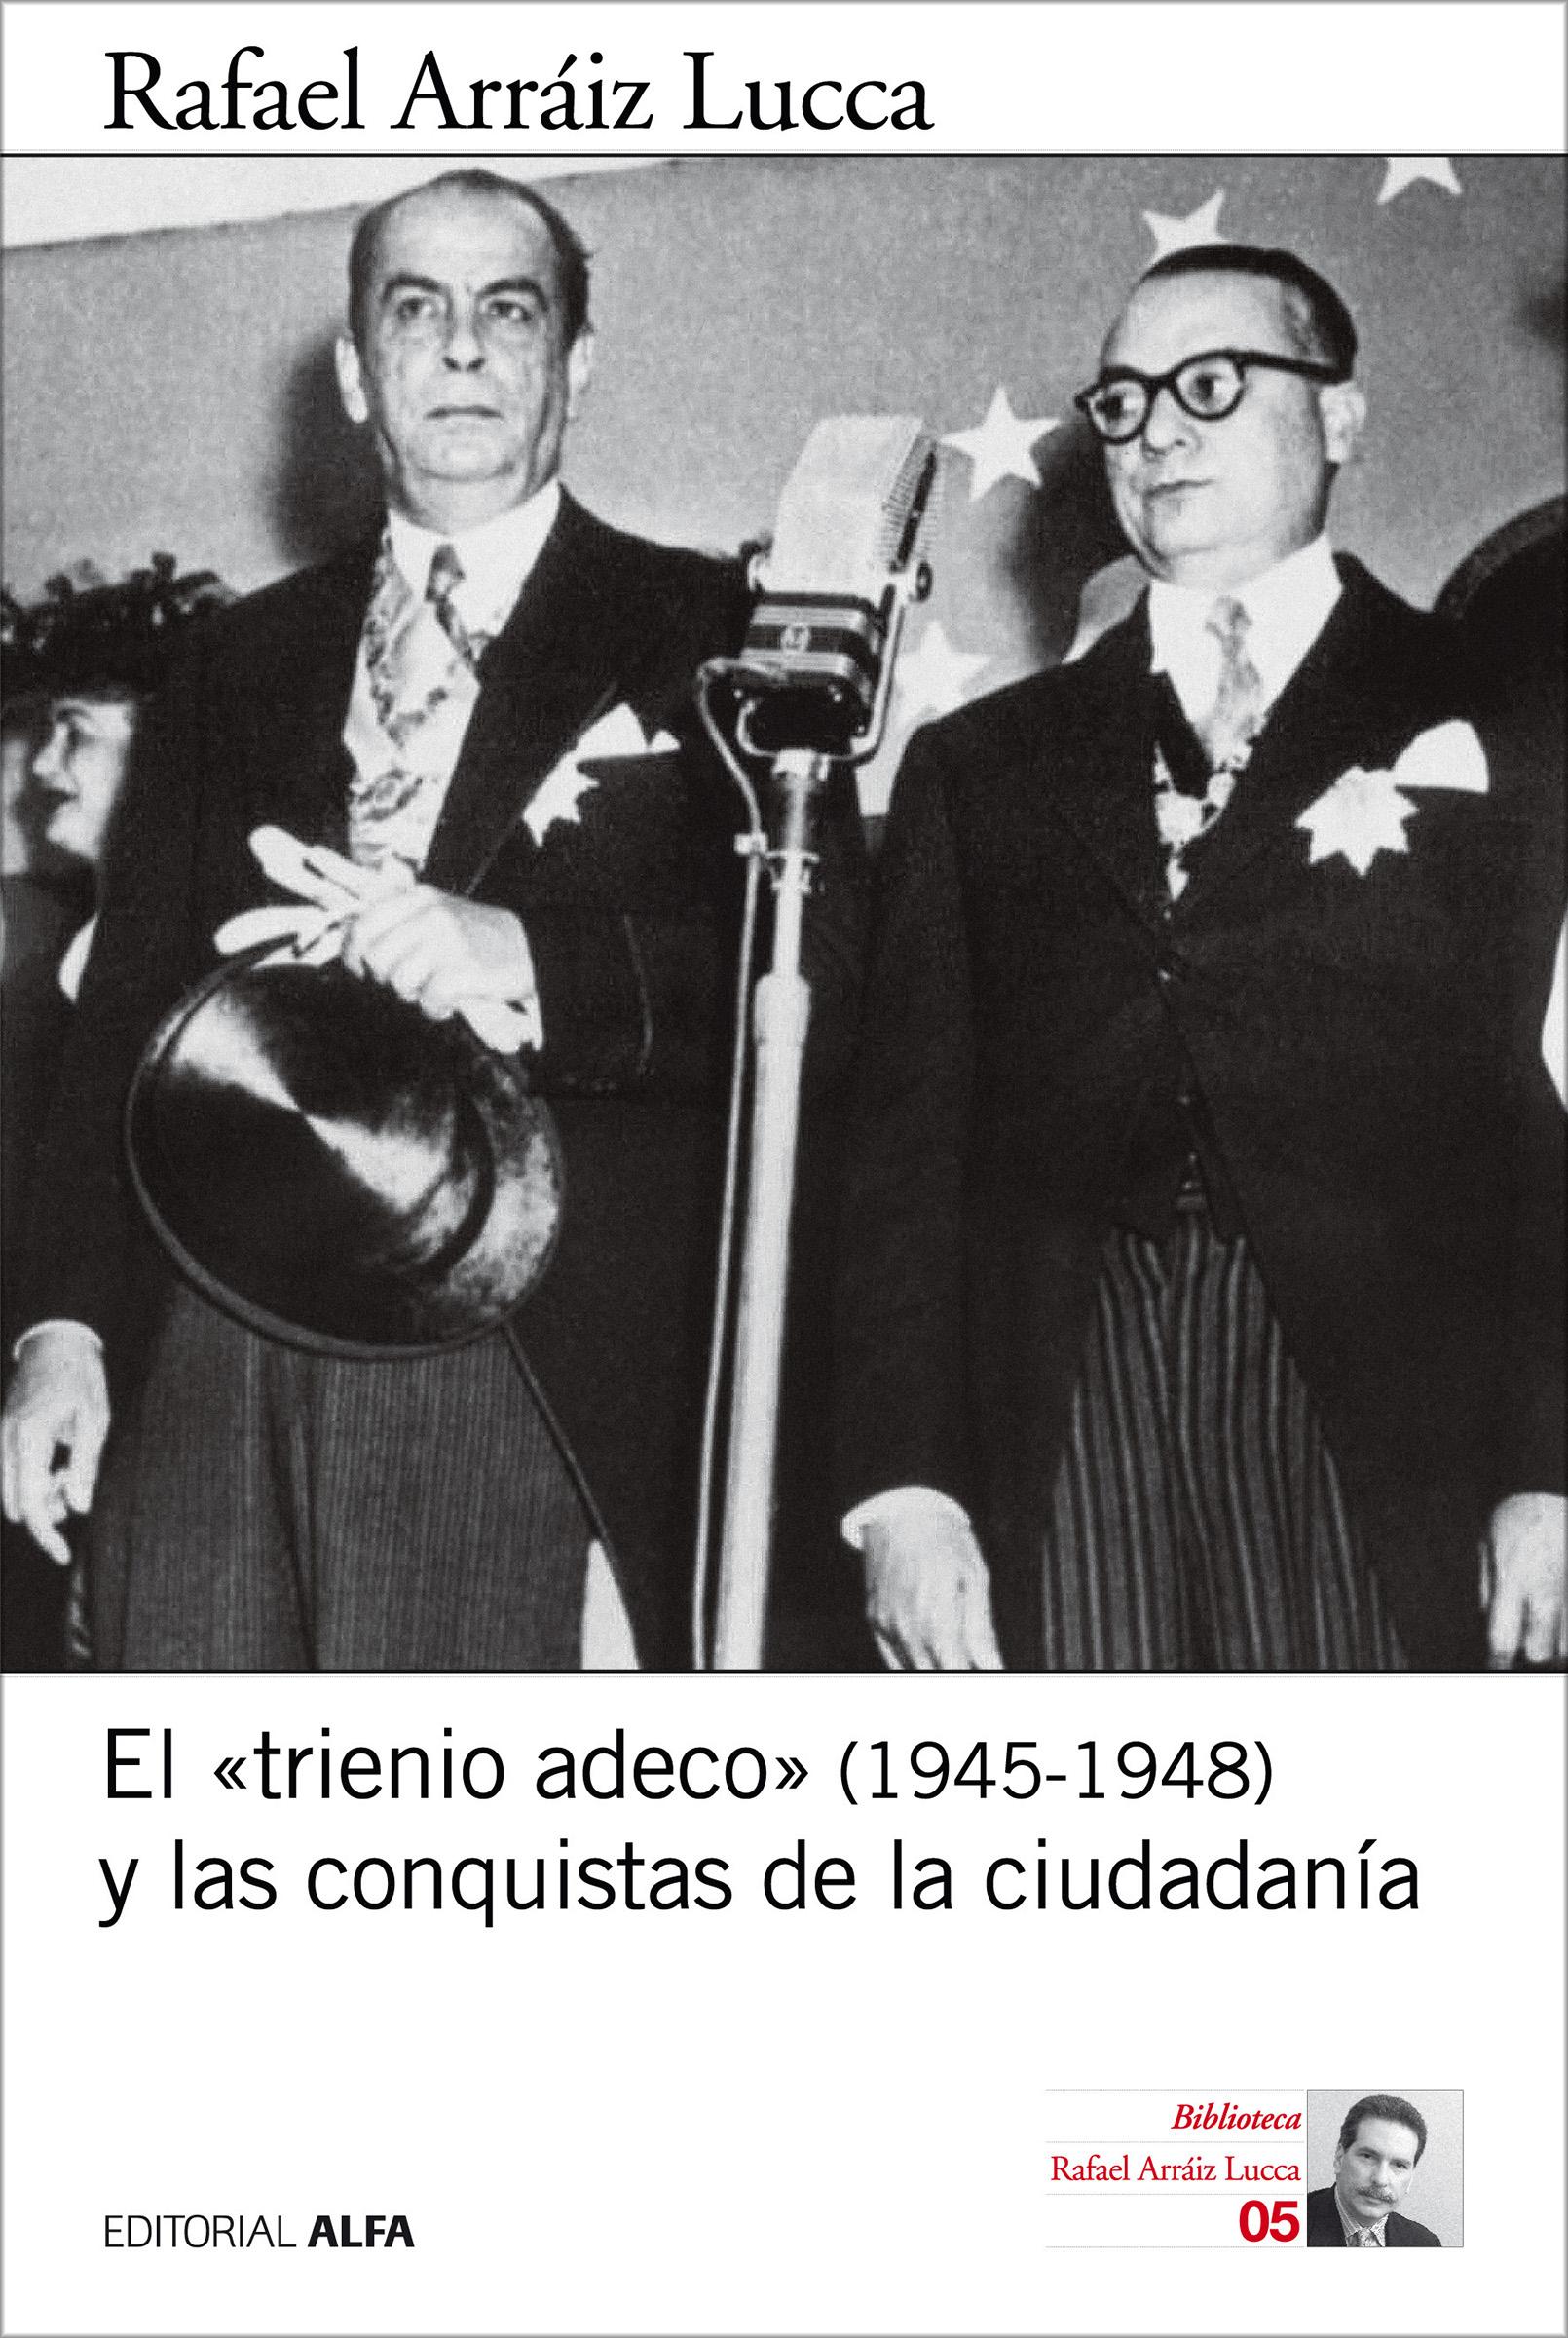 цена Rafael Arráiz Lucca El